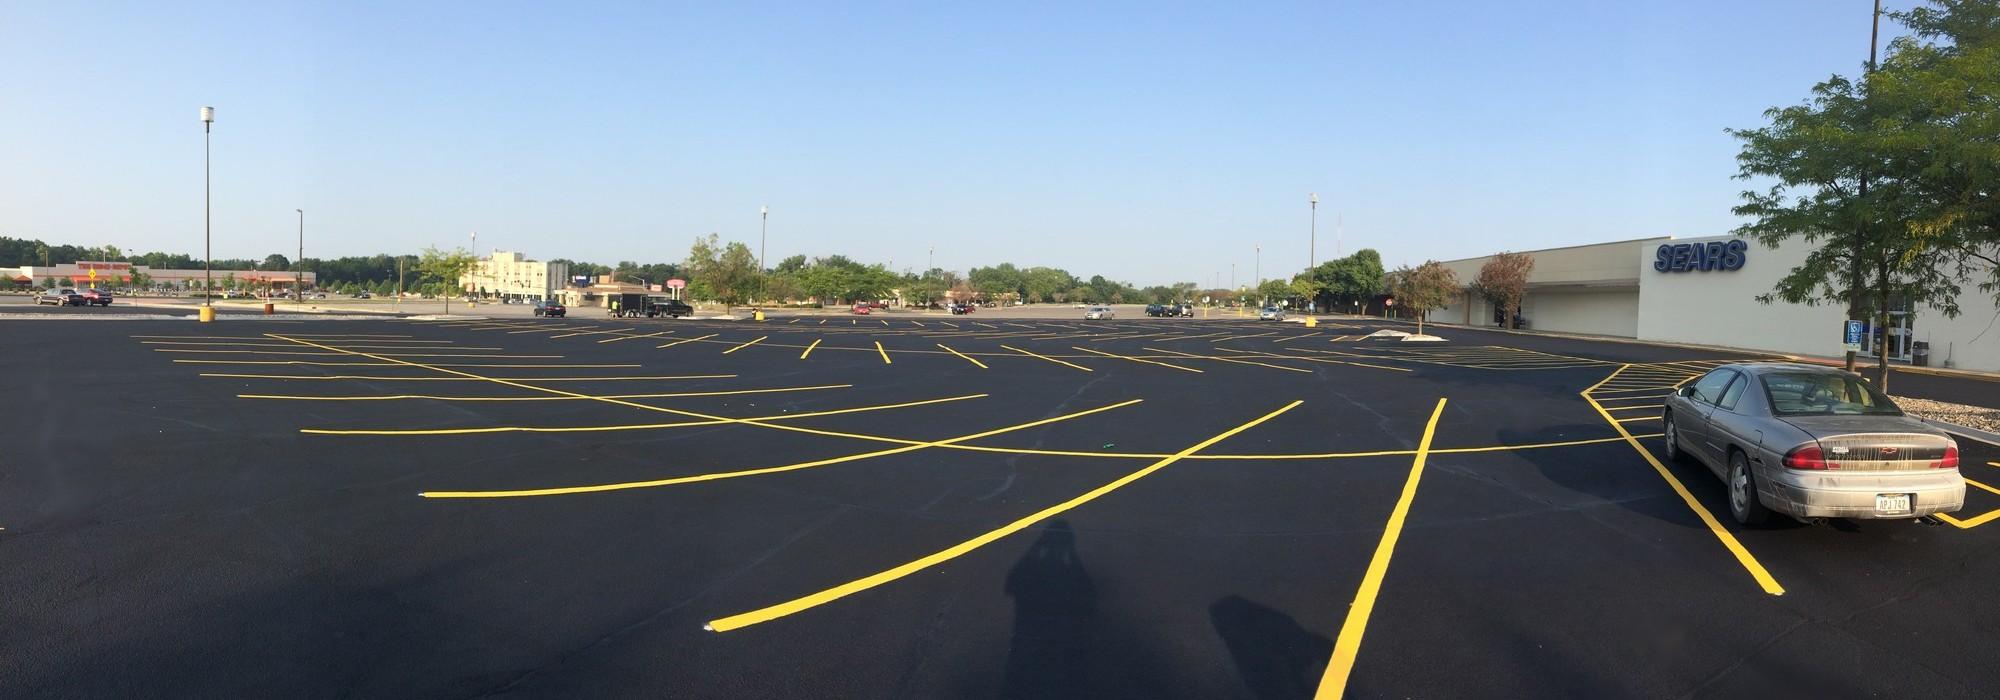 slide-parking-lot-striping-sears-pro-line-iowa